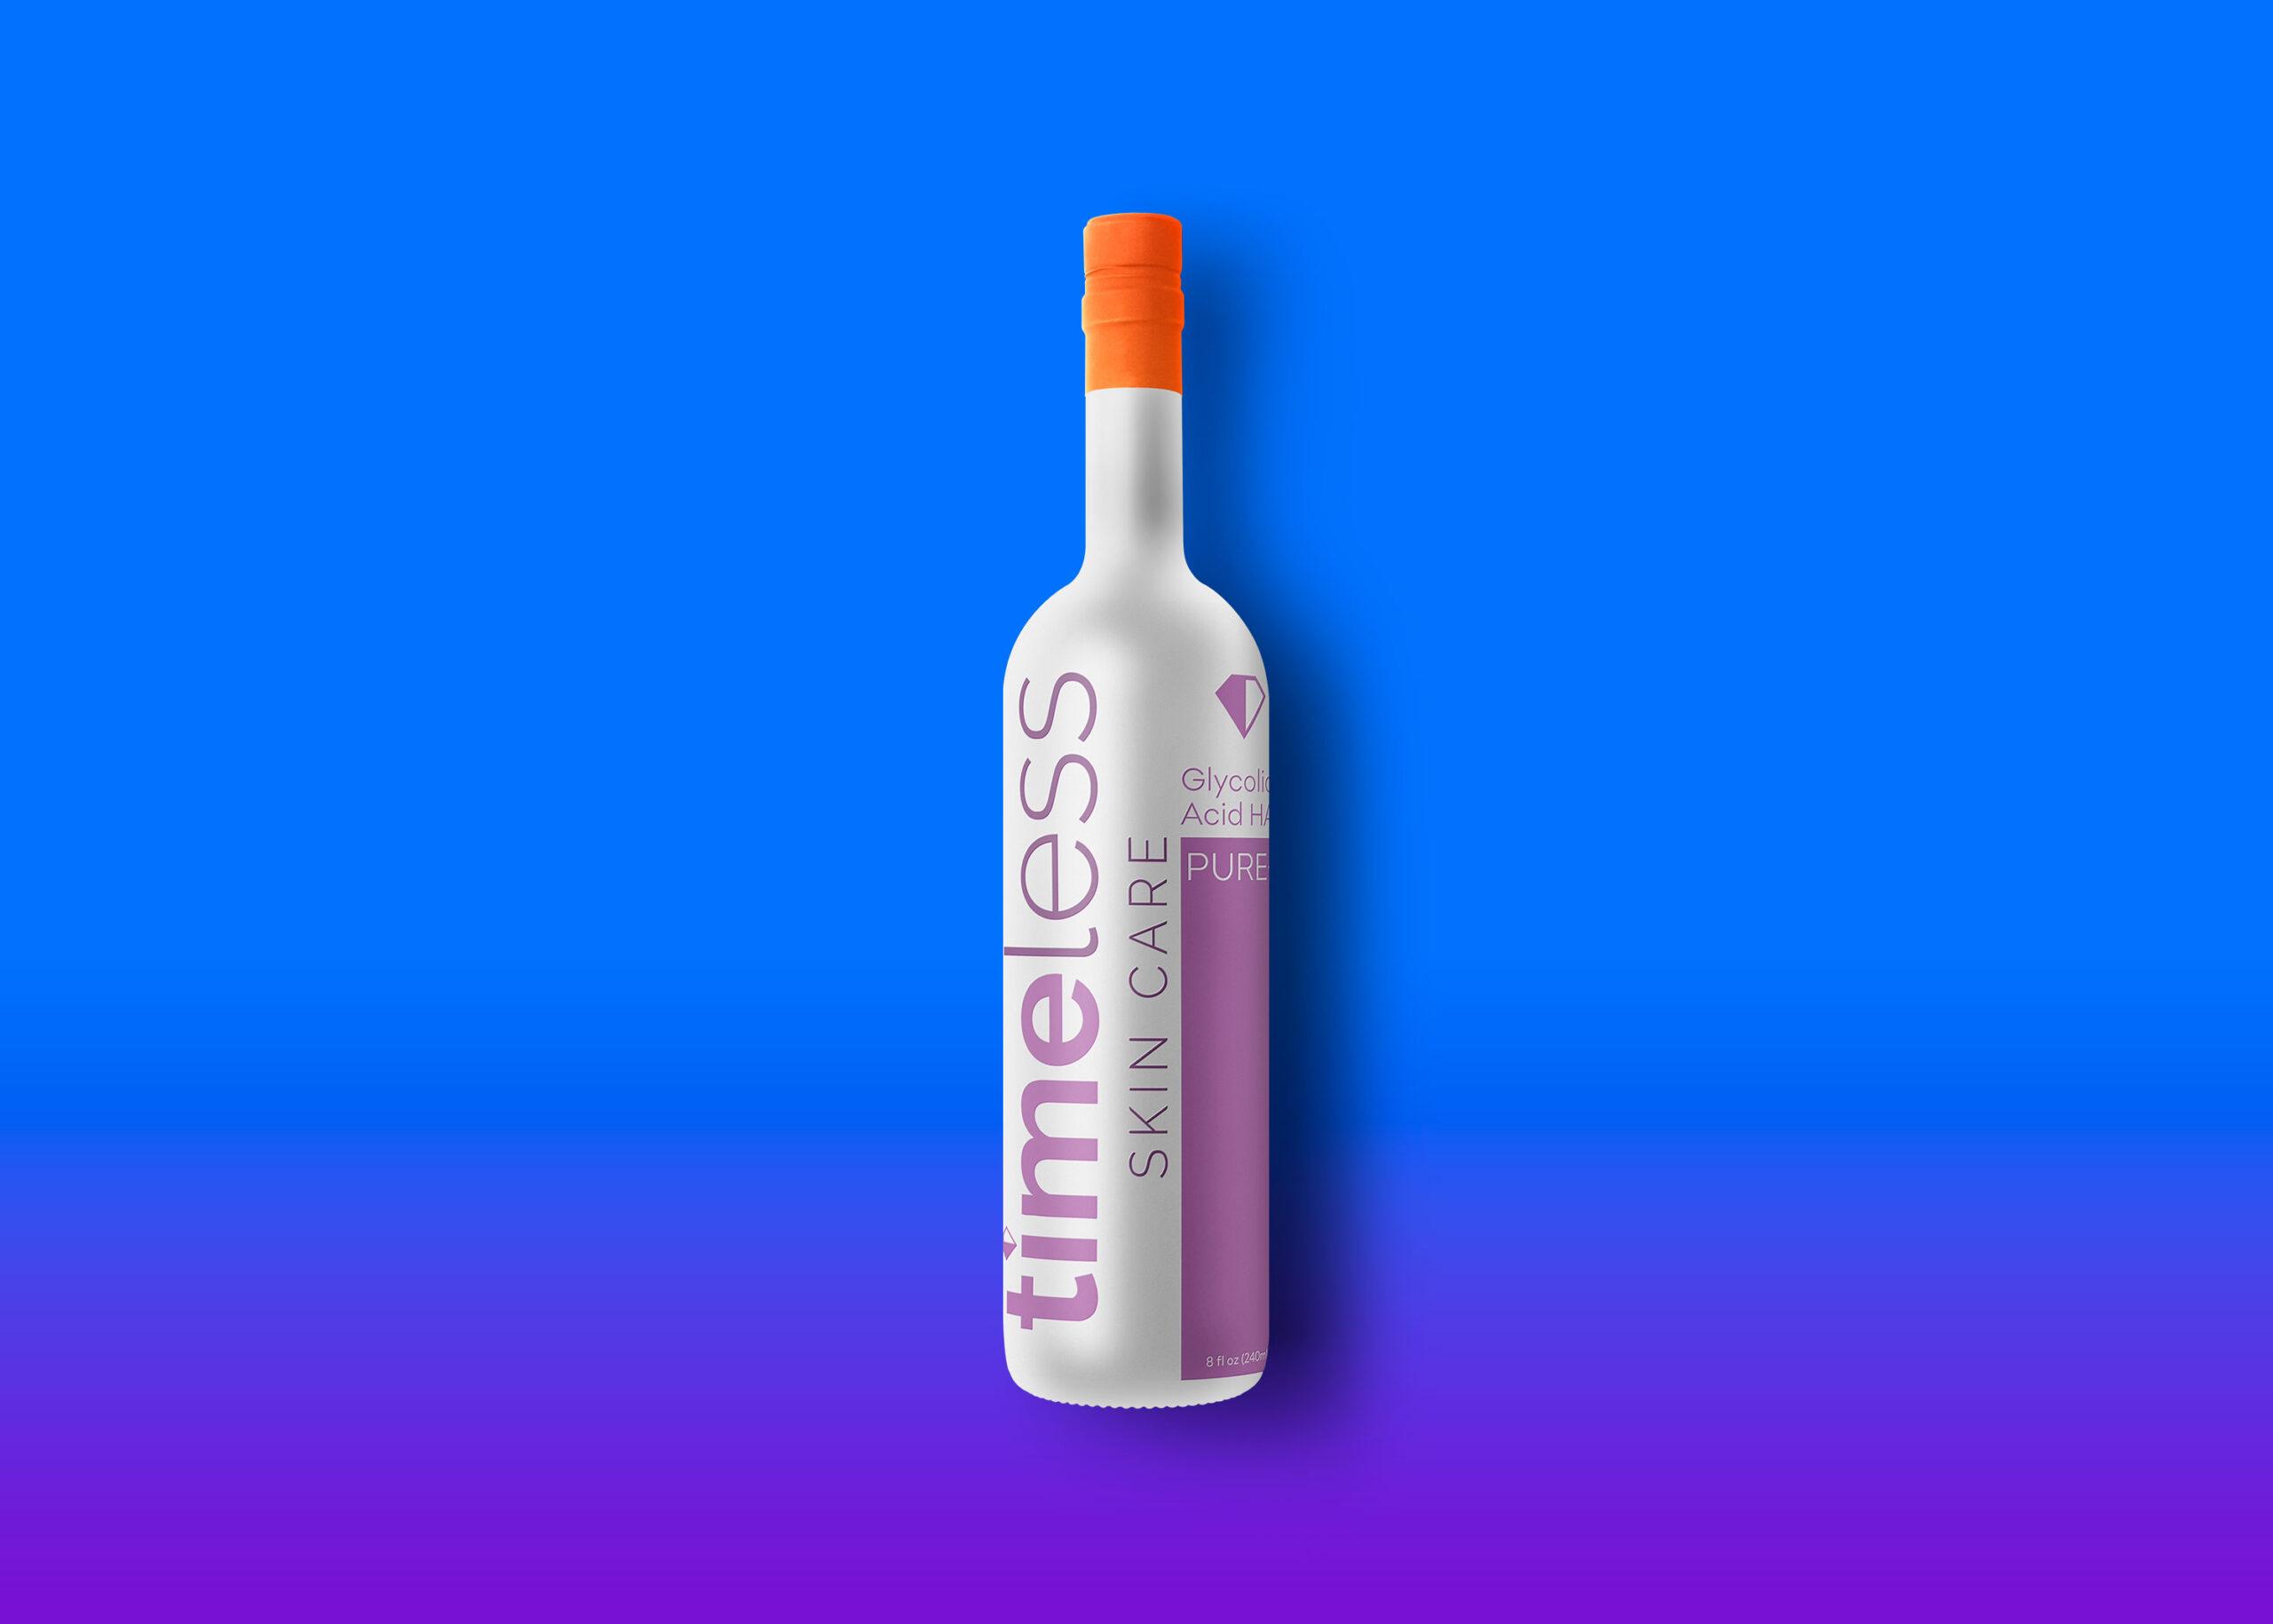 Freebies Wine Bottle Label Mockup